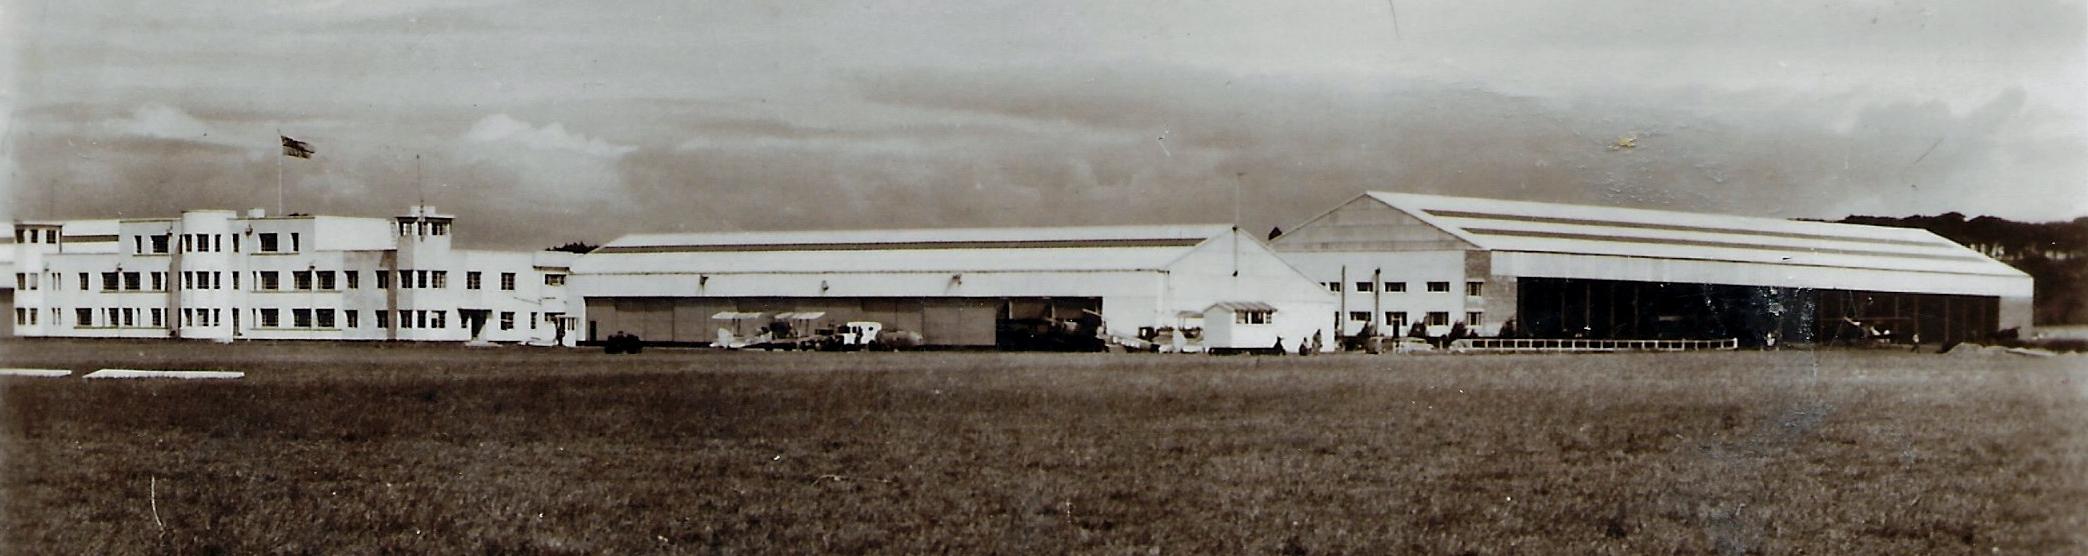 EGPK 1941